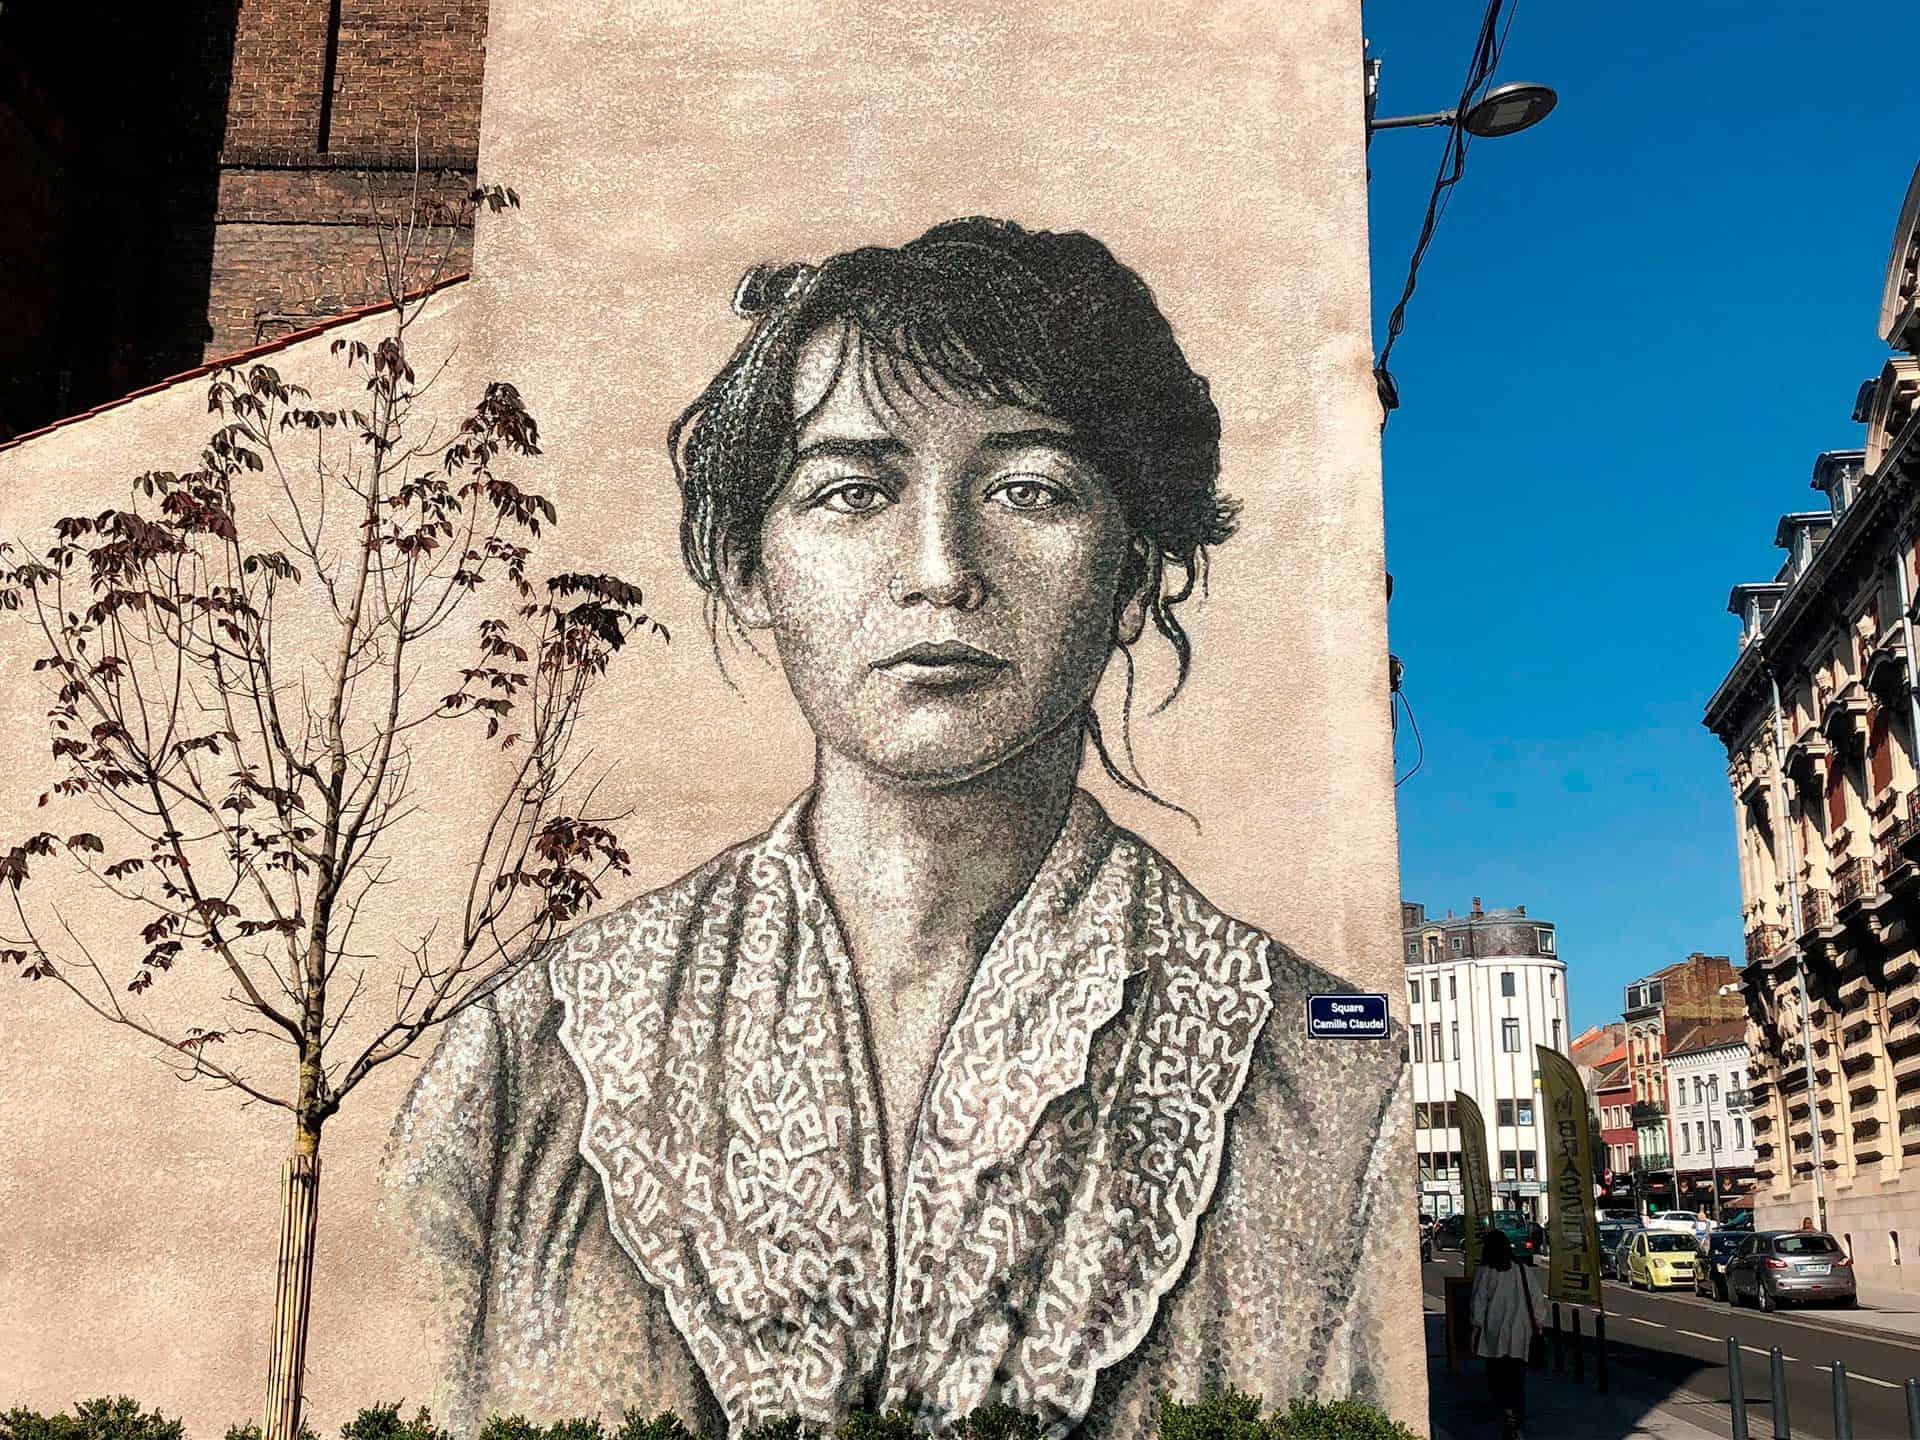 Office de tourisme de Roubaix - Street Art